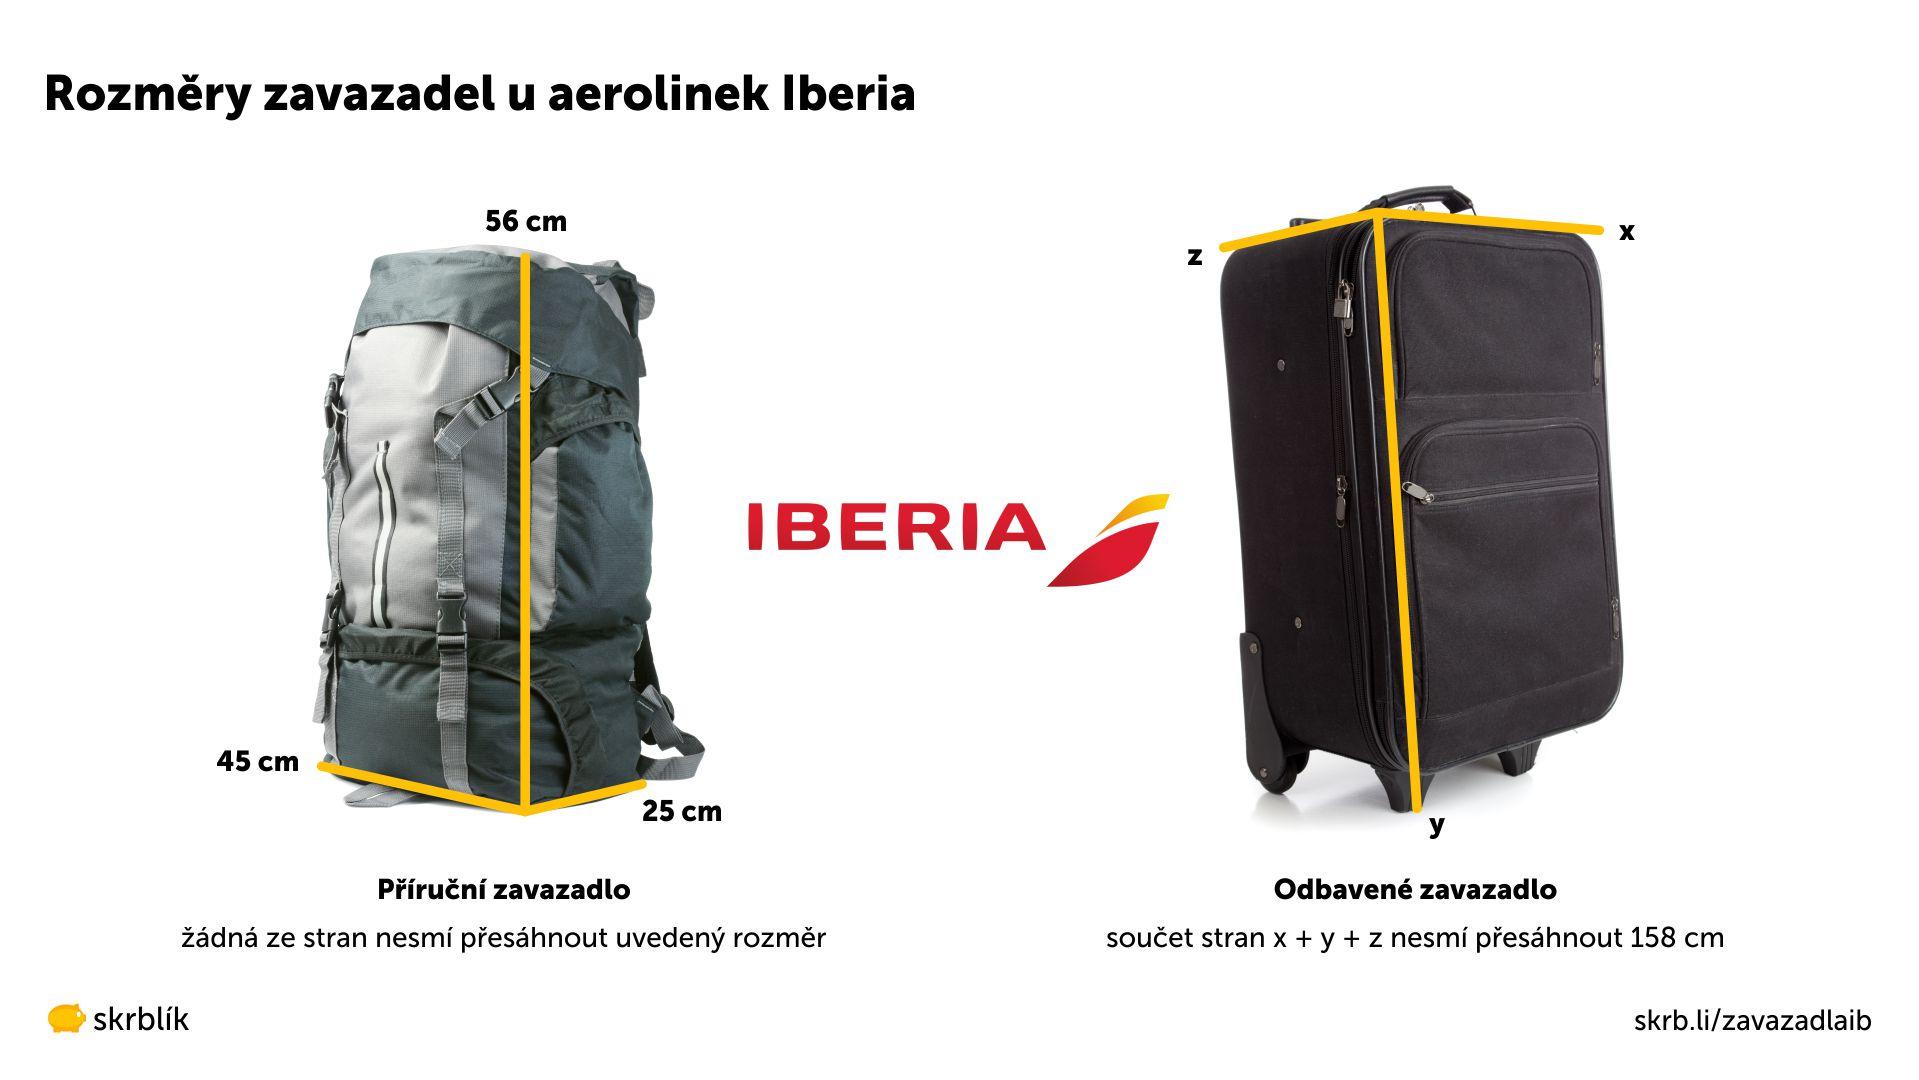 Příruční / kabinová / palubní zavazadla u Iberia 2021